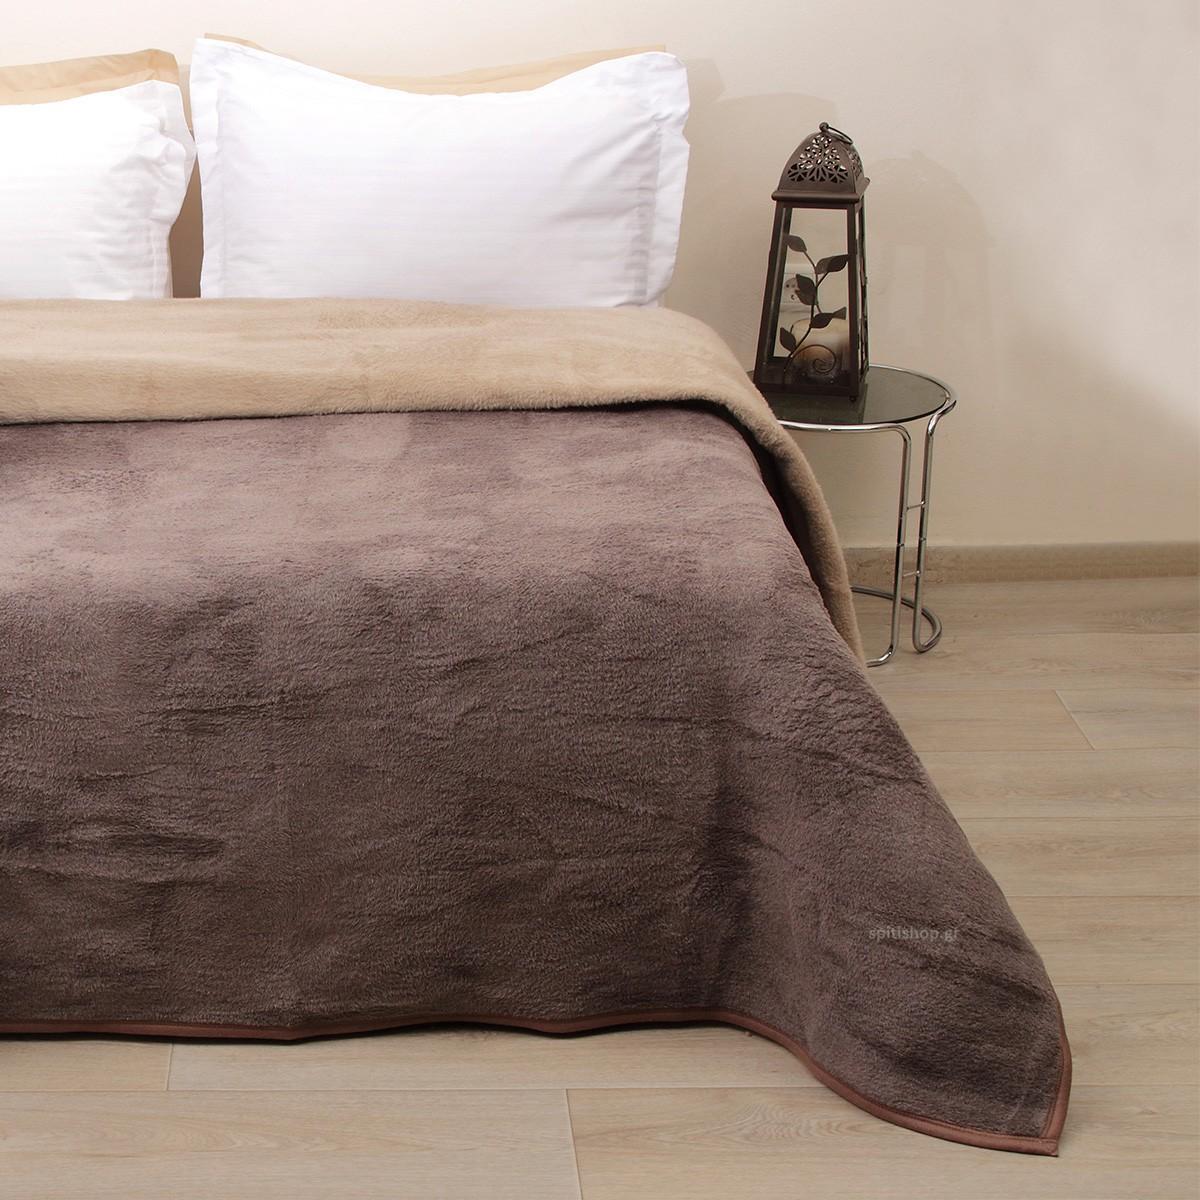 Κουβέρτα Ακρυλική Μονή 2 Όψεων Viopros Καφέ/Μπεζ